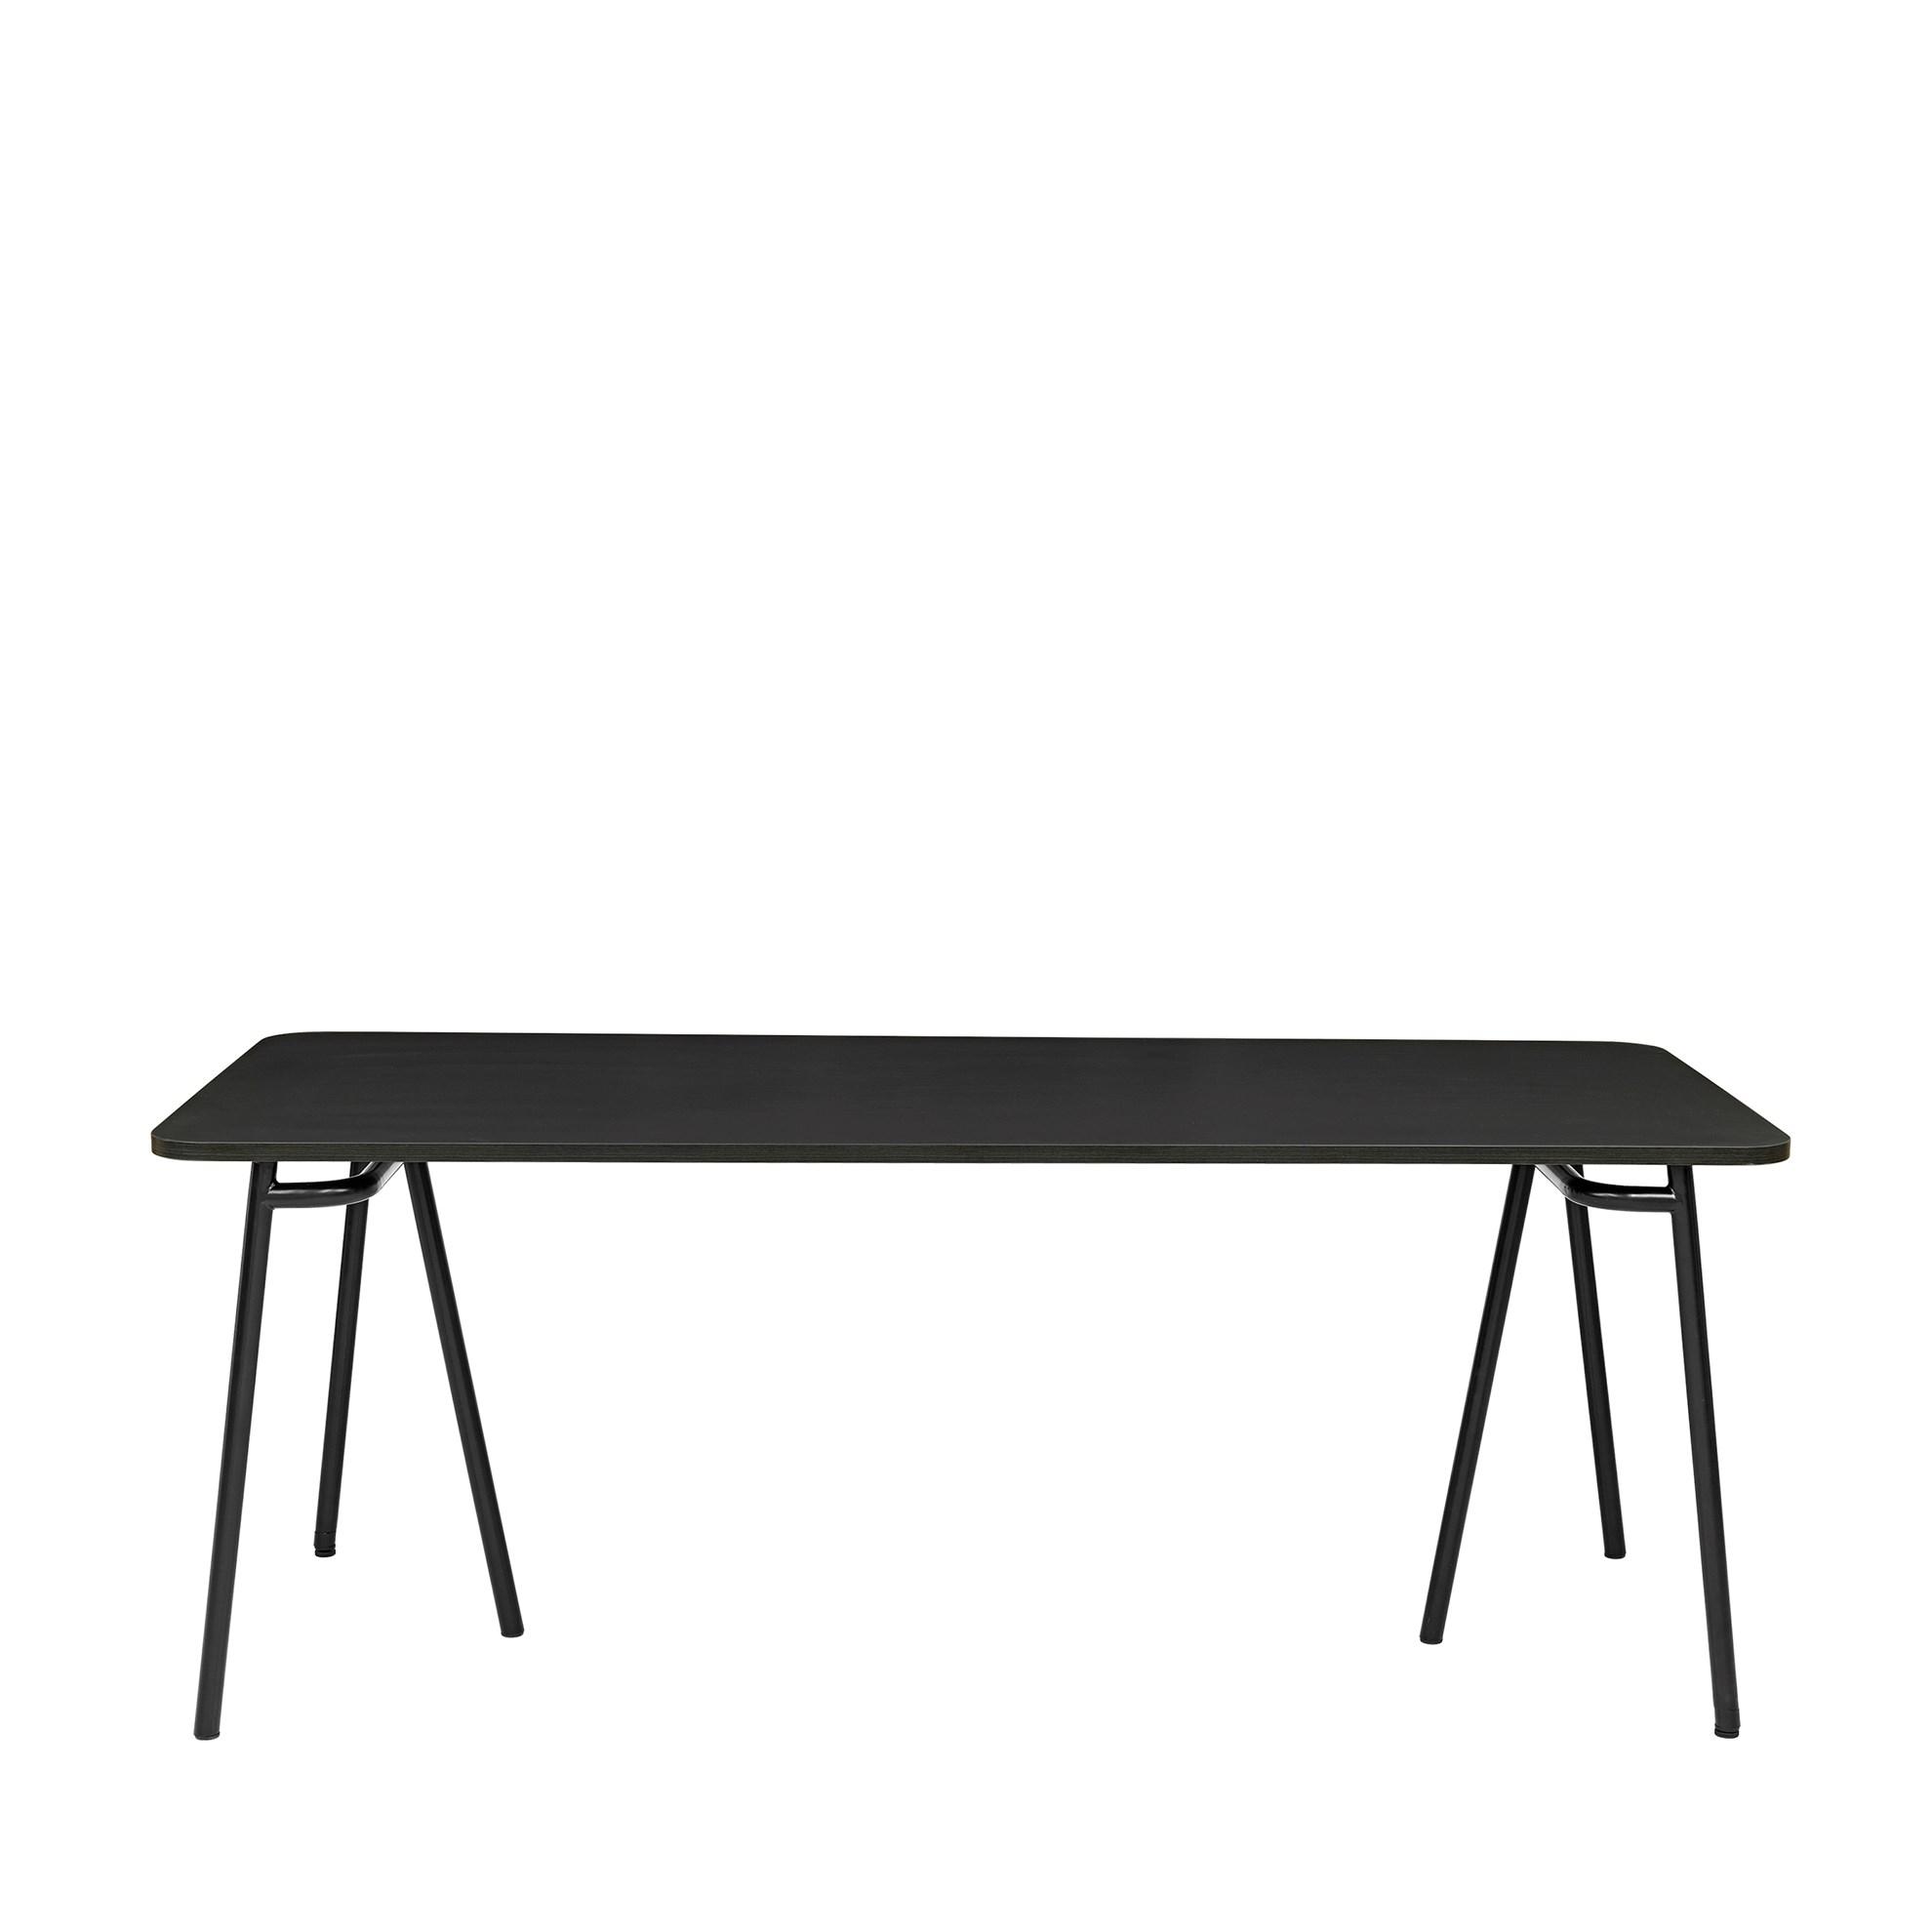 Deska pro jídelní stůl MOON LAMINATE (pouze deska)_4